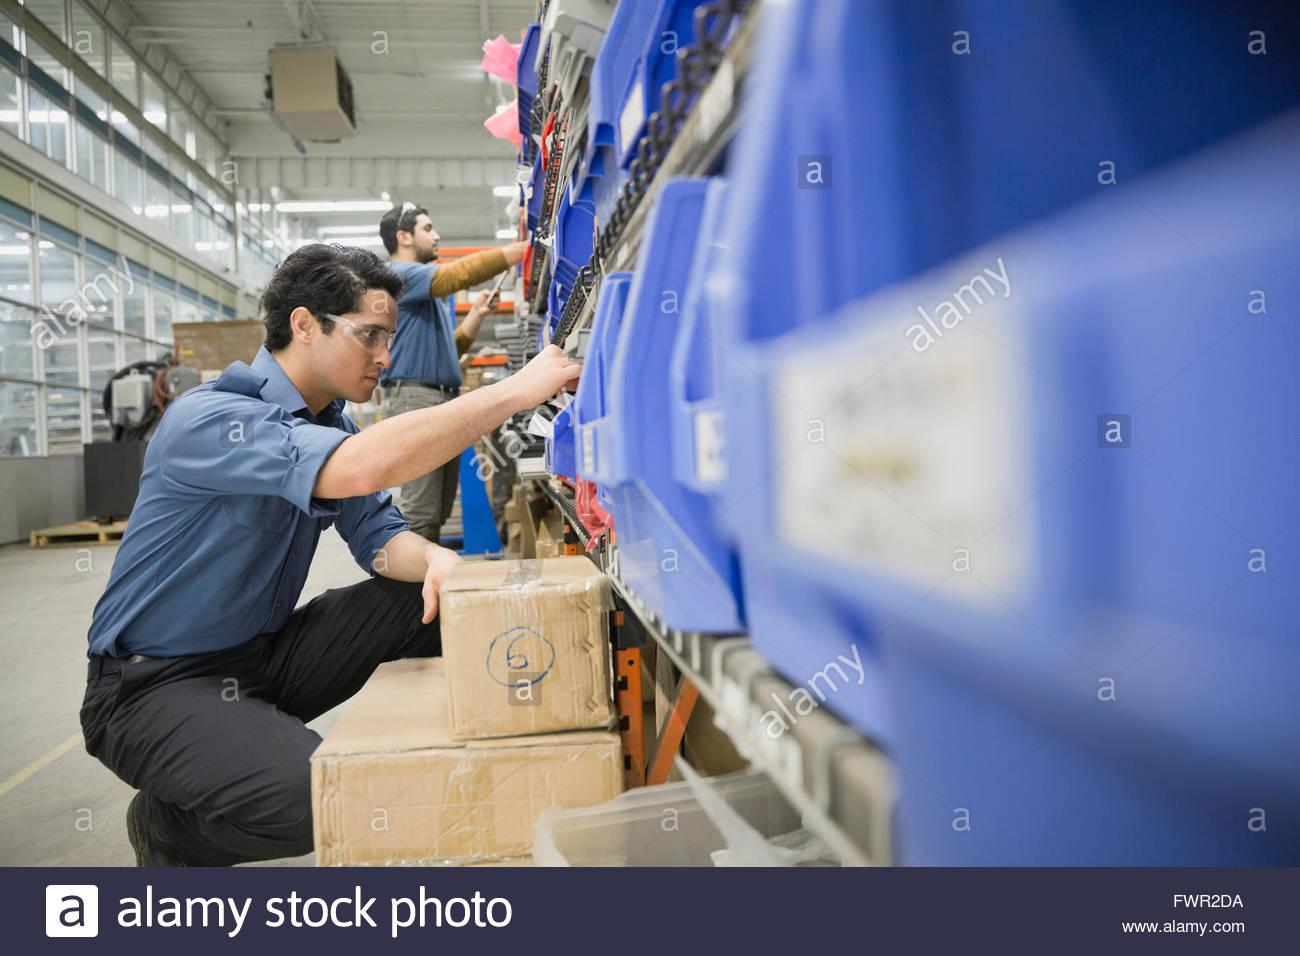 Cueillette de travailleur dans l'entrepôt de pièces Photo Stock